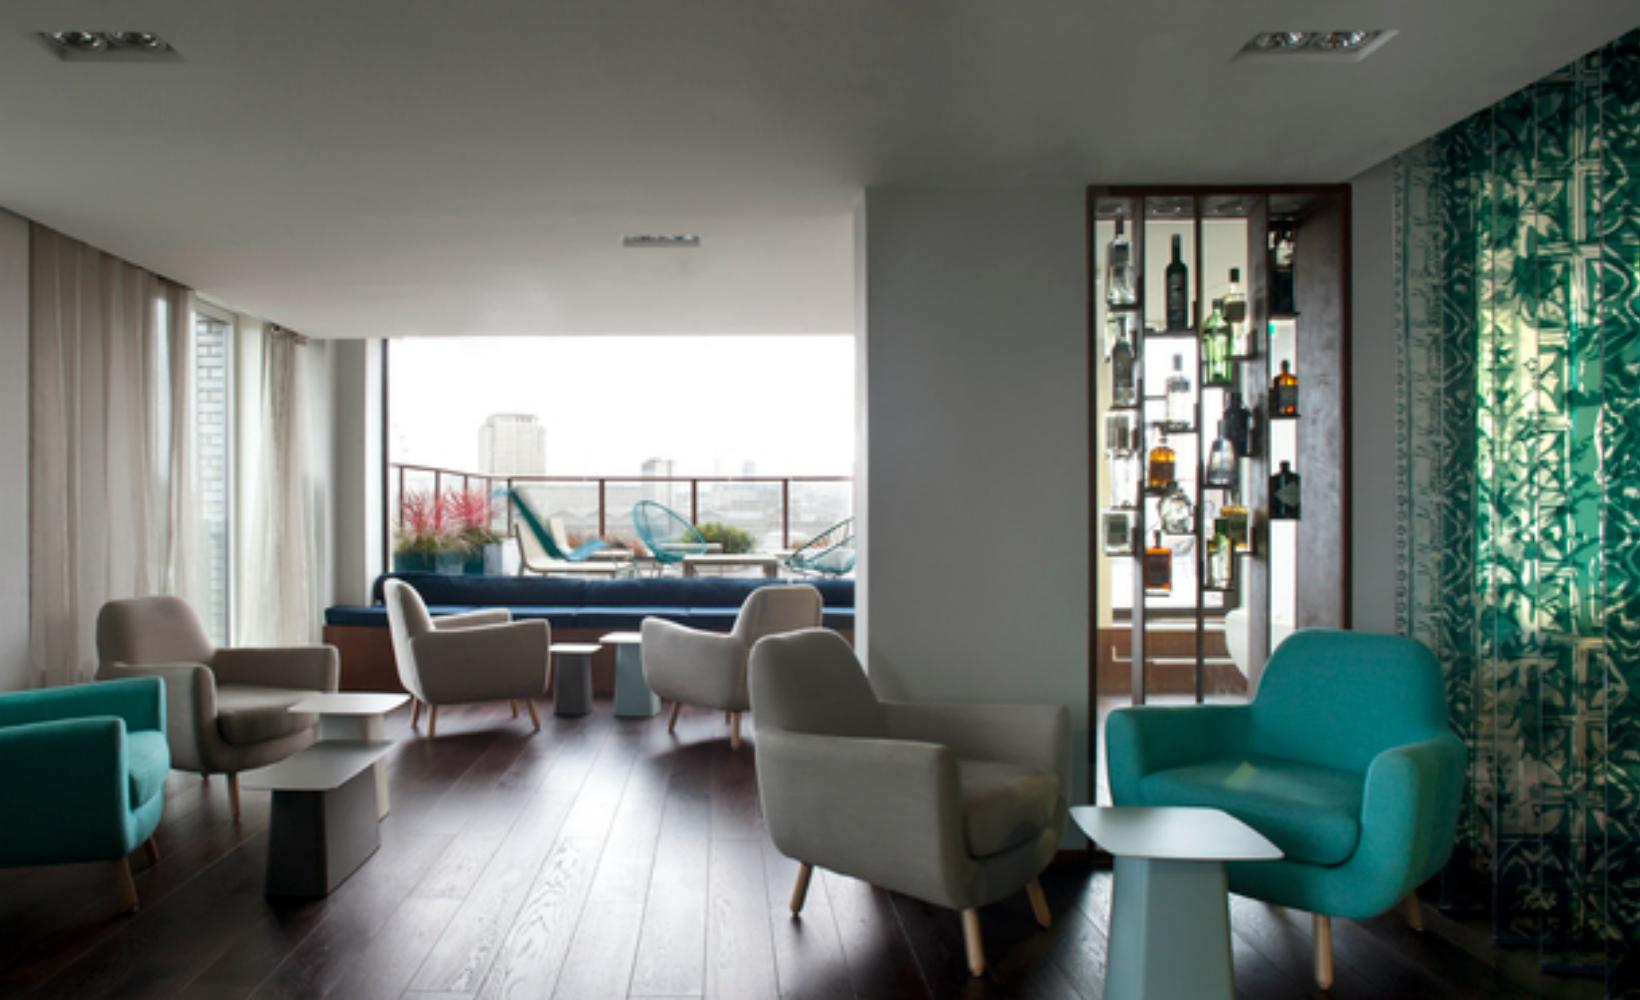 Living Room Bar London Home Interior Design Ideas Inspiration Arlo Jacob